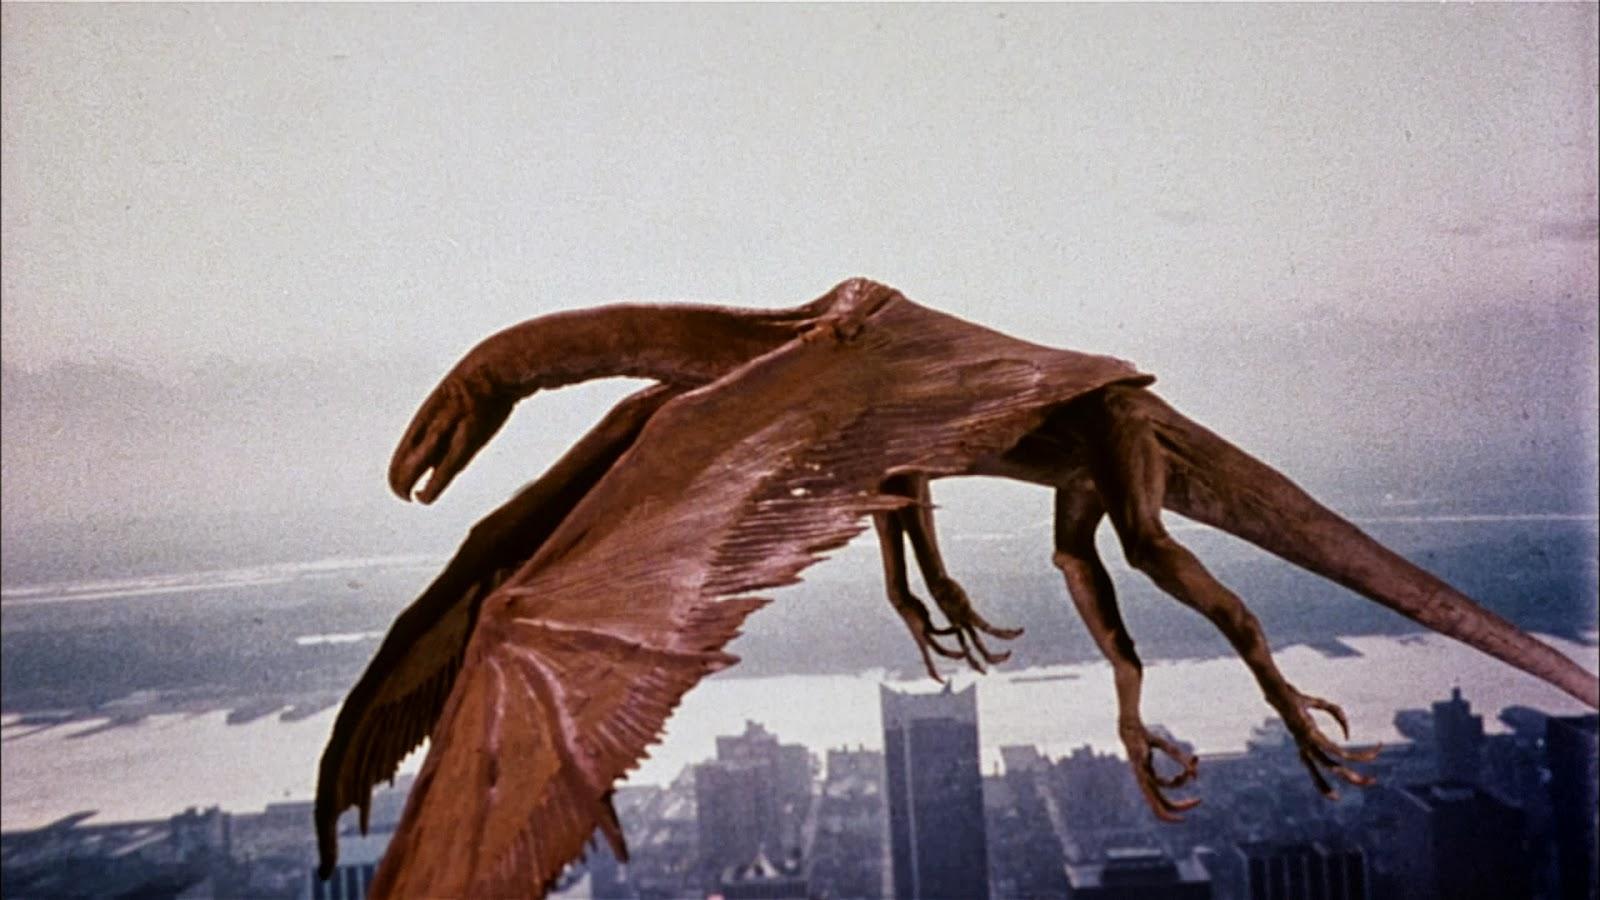 quetzalcoatl_1982_02.jpg